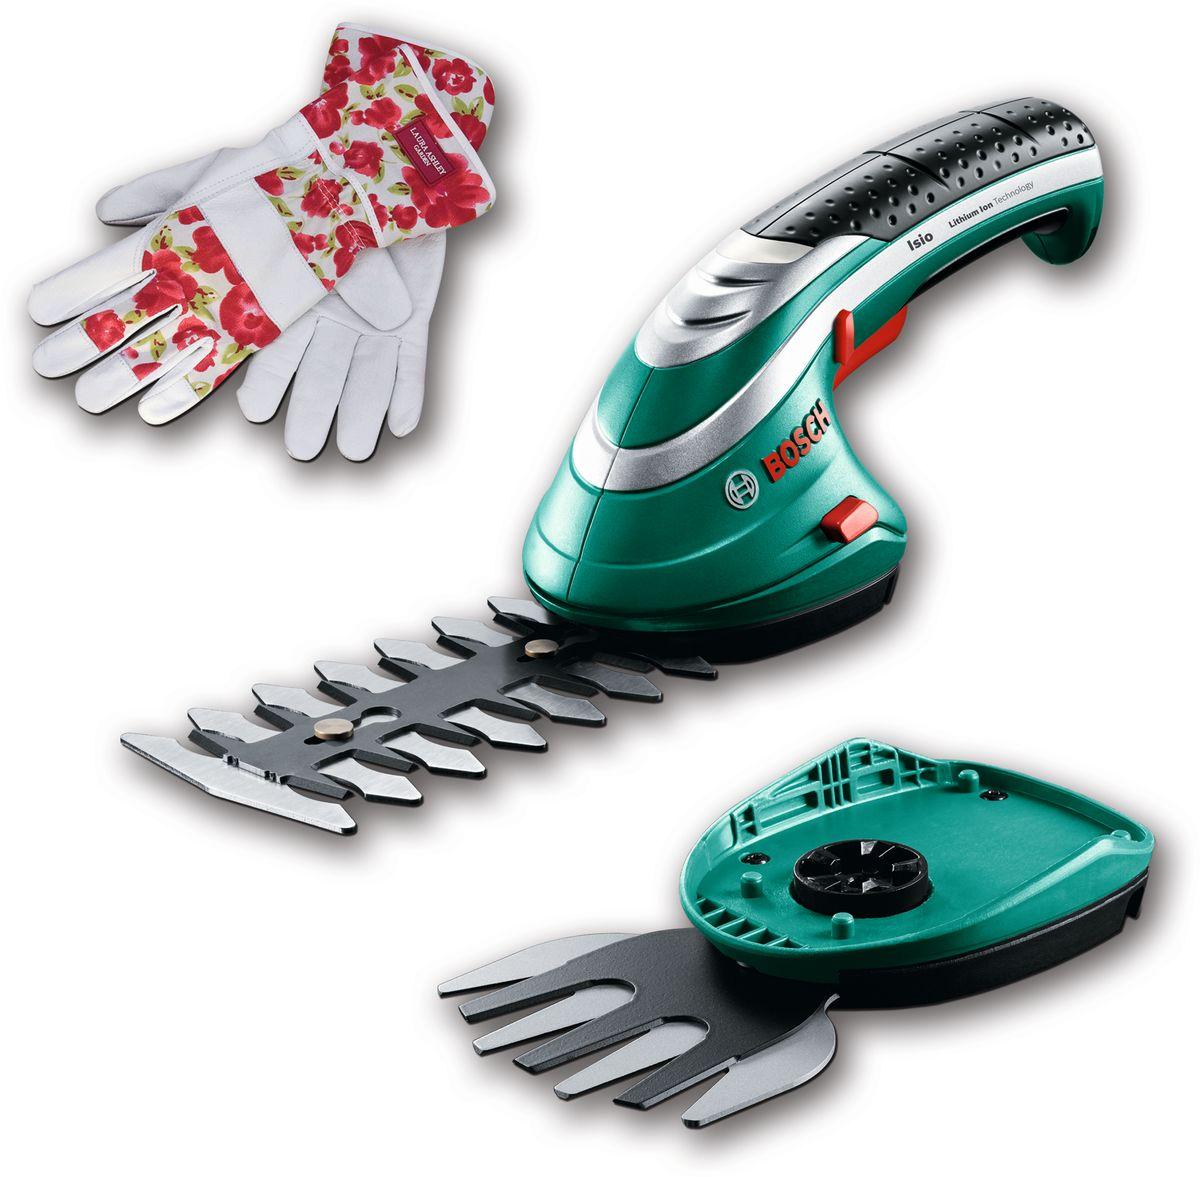 """Аккумуляторные ножницы Bosch """"ISIO 3"""" для травы и кустов + перчатки Laura Ashley. 060083310M"""